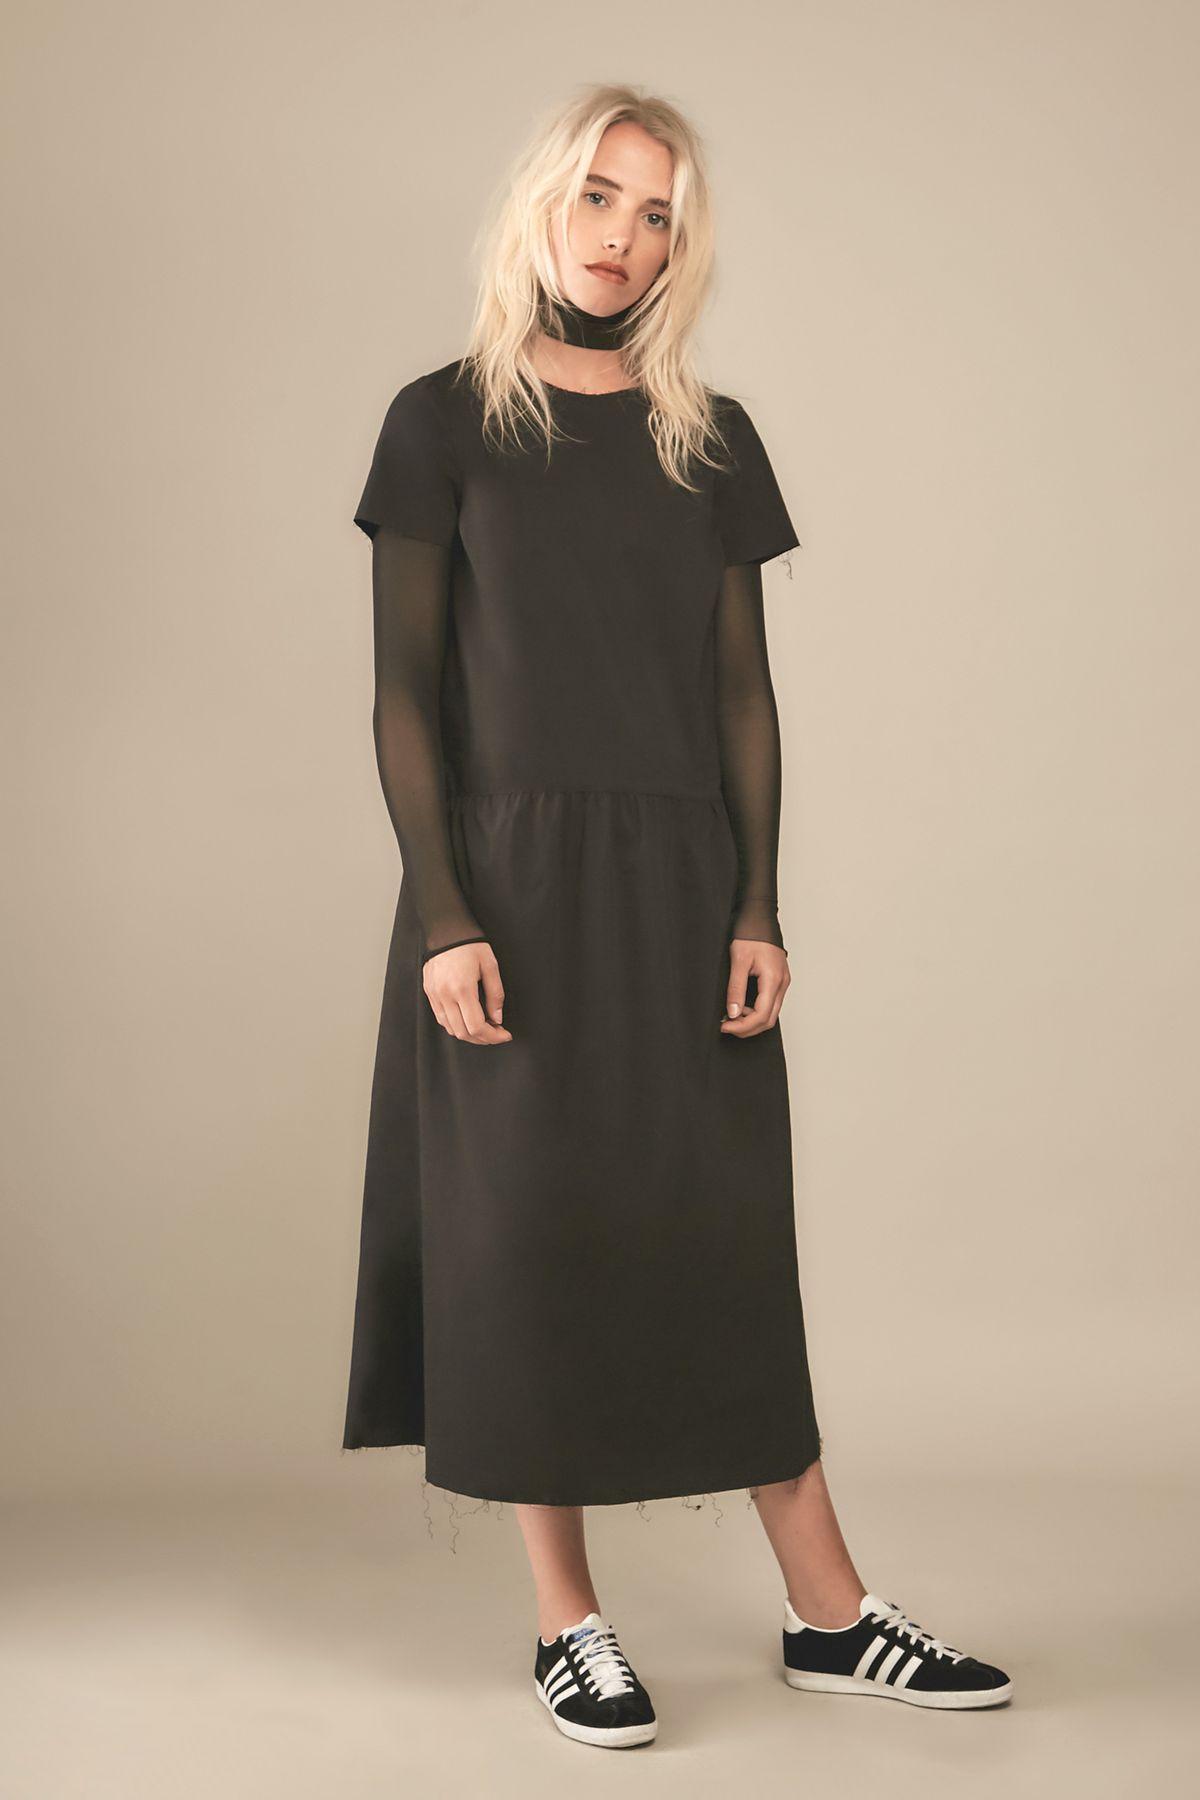 White blonde model wearing oversized black drop-waist dress